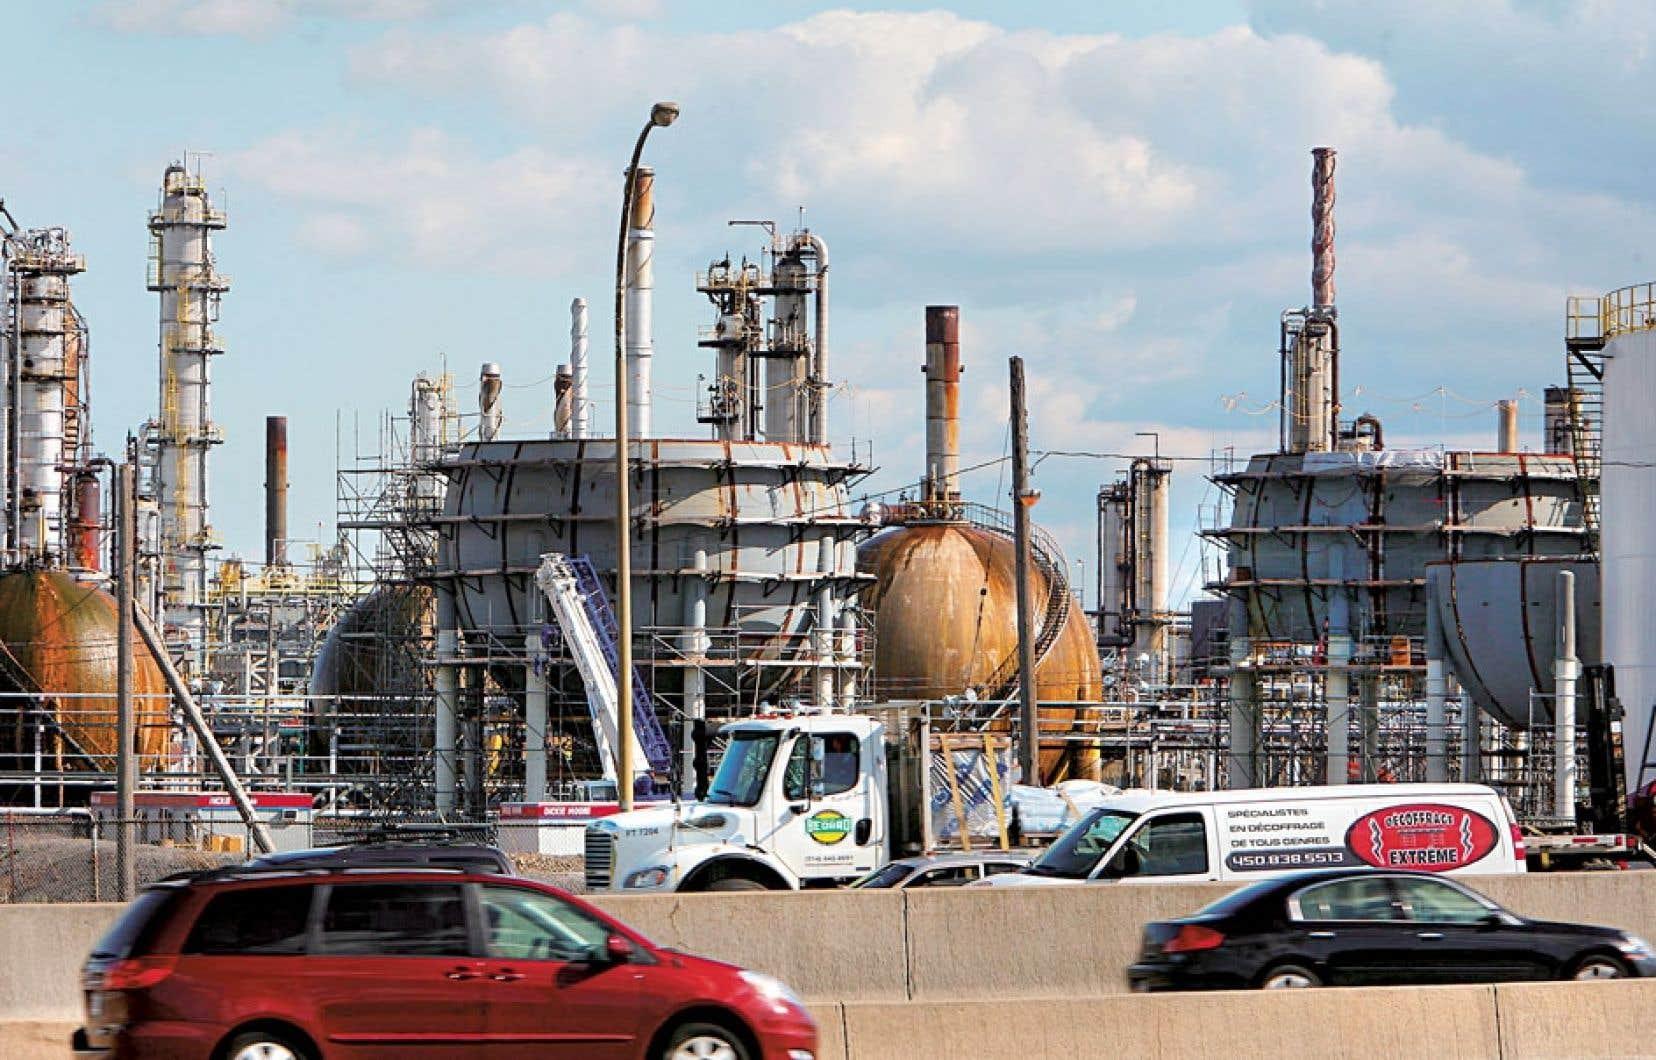 Ce n'est probablement pas en 2030 que nous serons définitivement libérés du pétrole, croit le député Scott McKay.